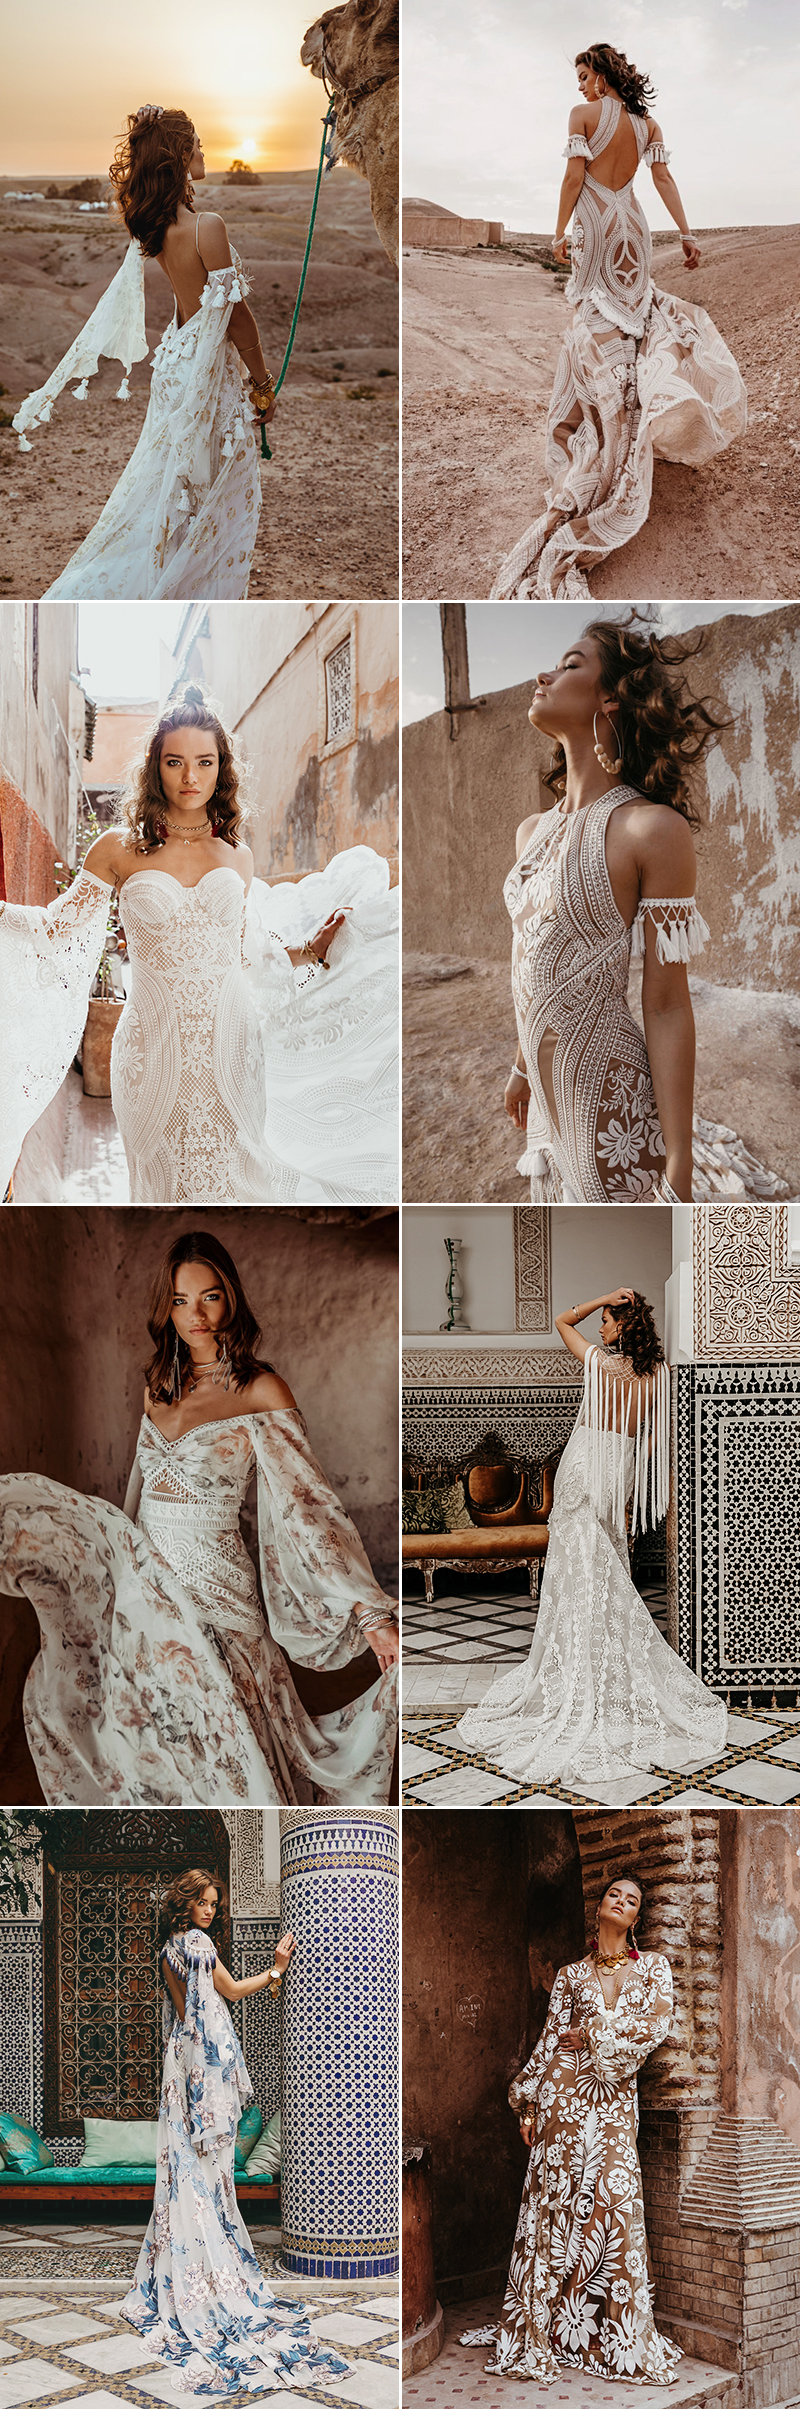 38 Contemporary Bohemian Wedding Dresses For Boho Chic Brides